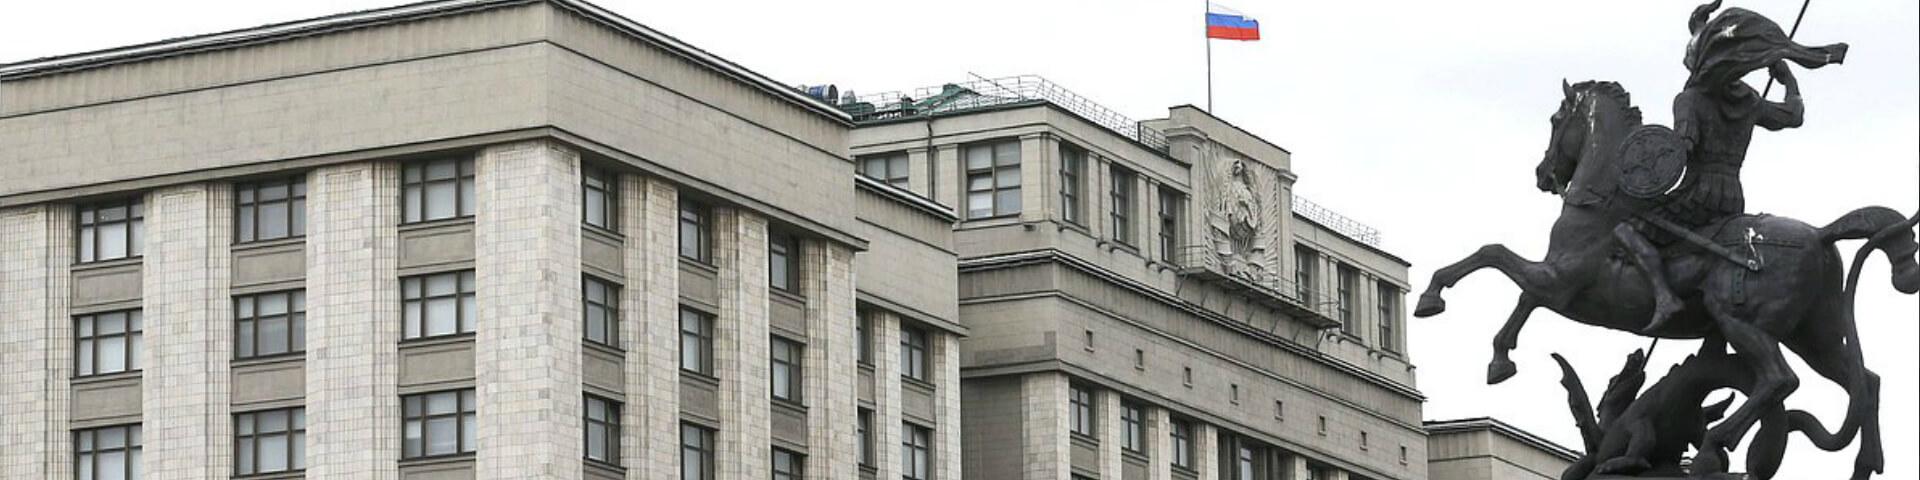 В РФ намерены упростить процедуру идентификации личности клиентов беттинг-операторов